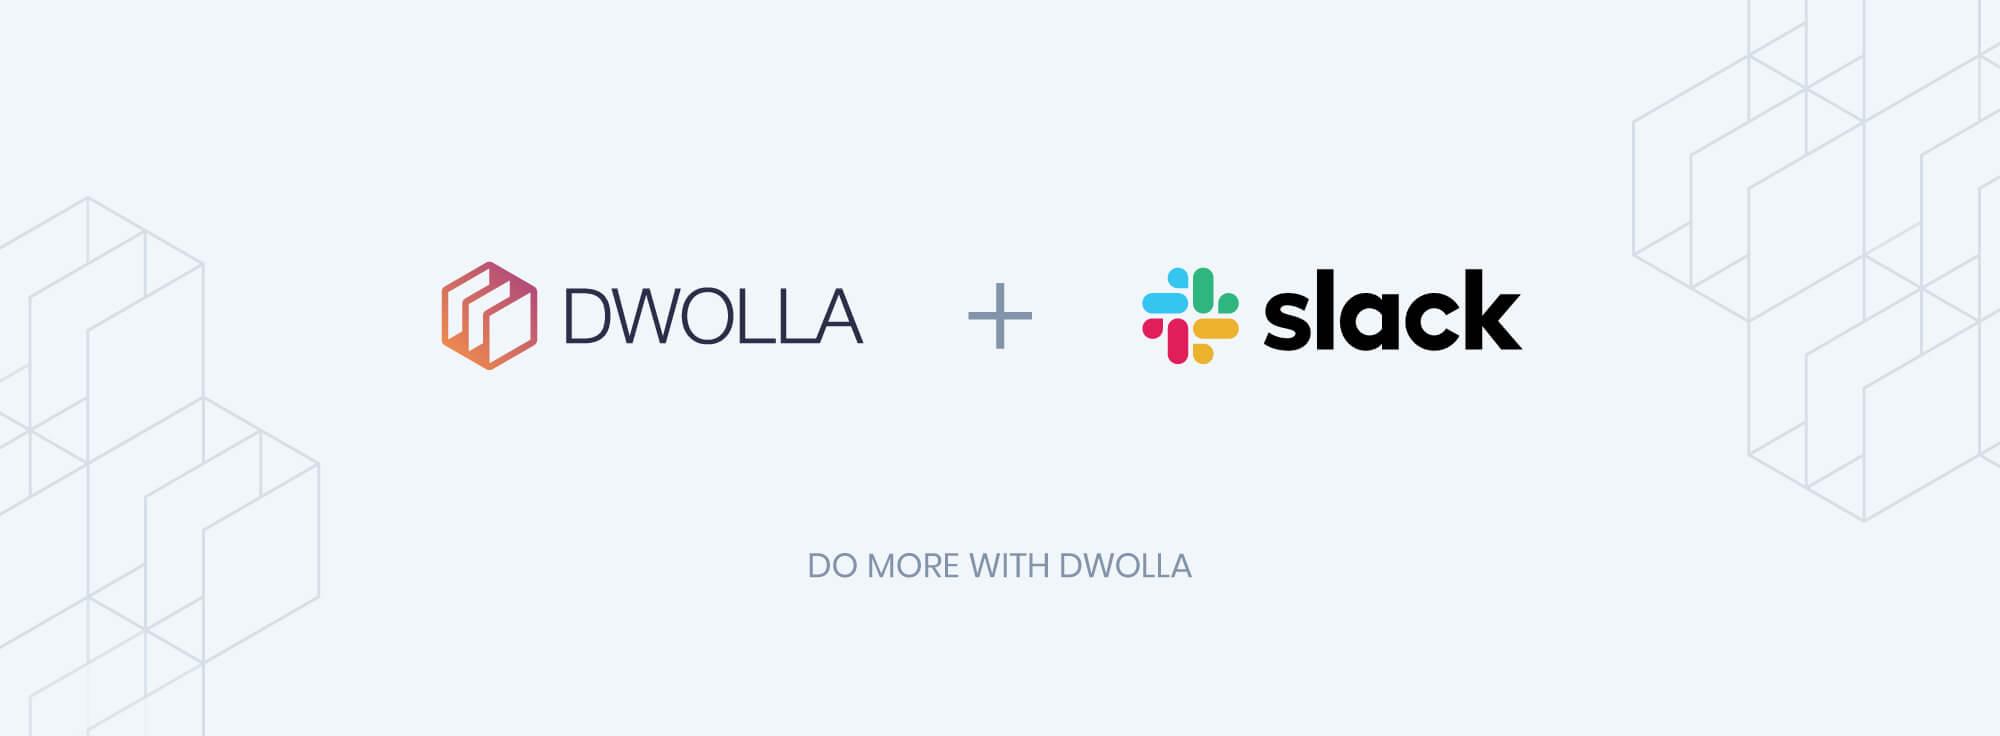 dwolla=slack